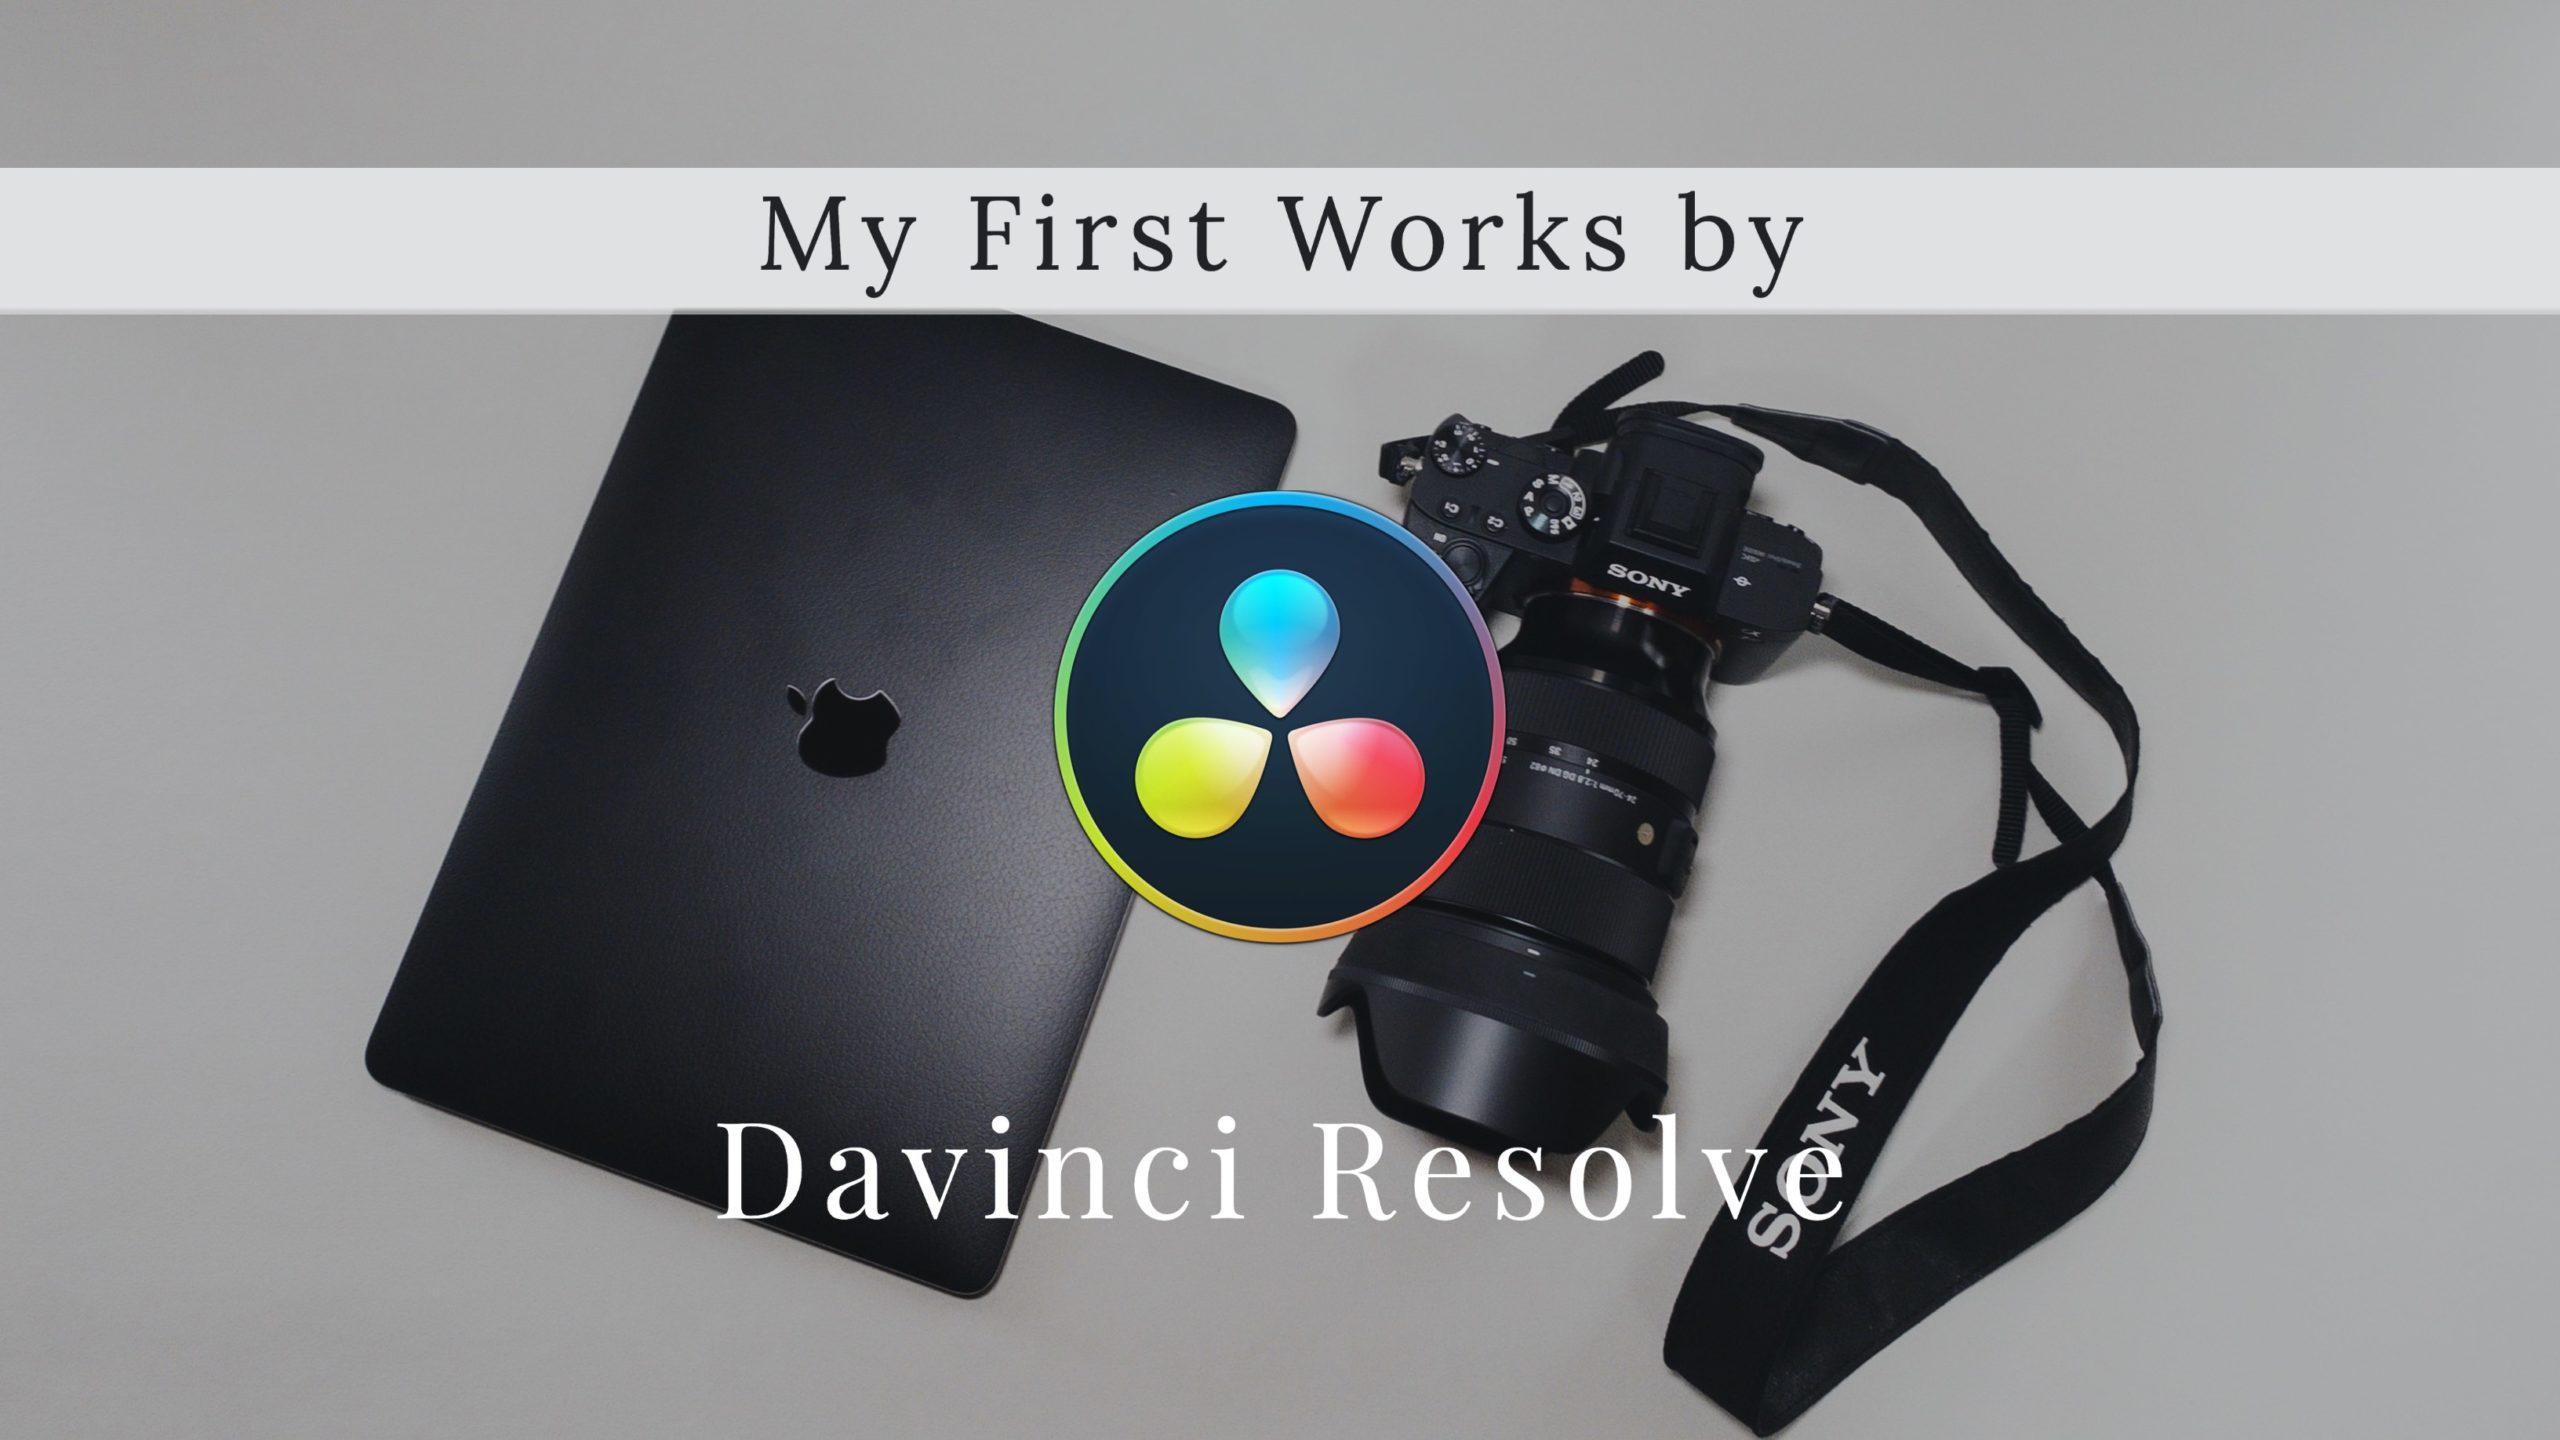 【感想】初めてDavinci Resolveで動画編集してみて…#雑談